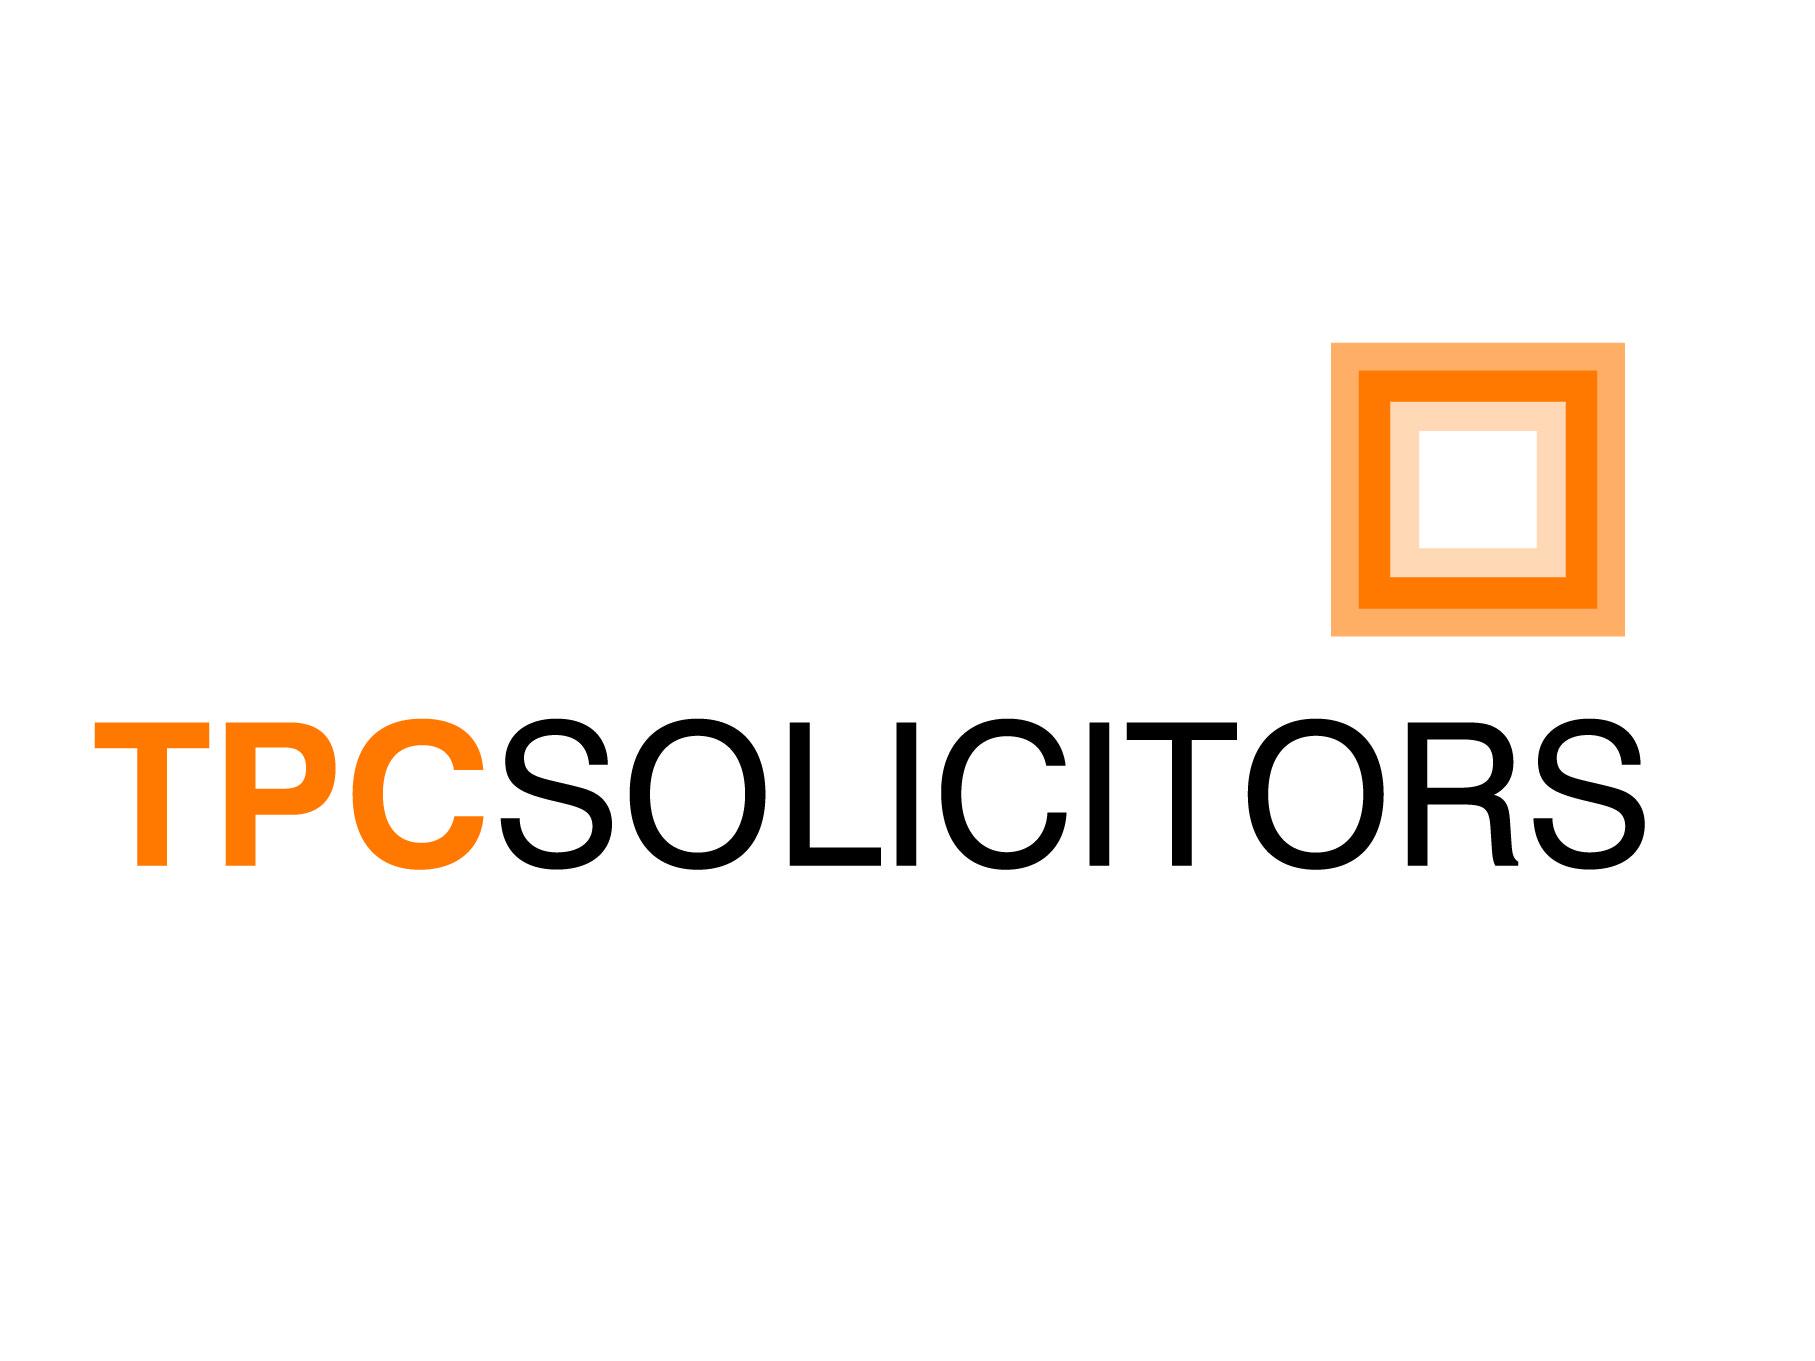 TPC Solictors